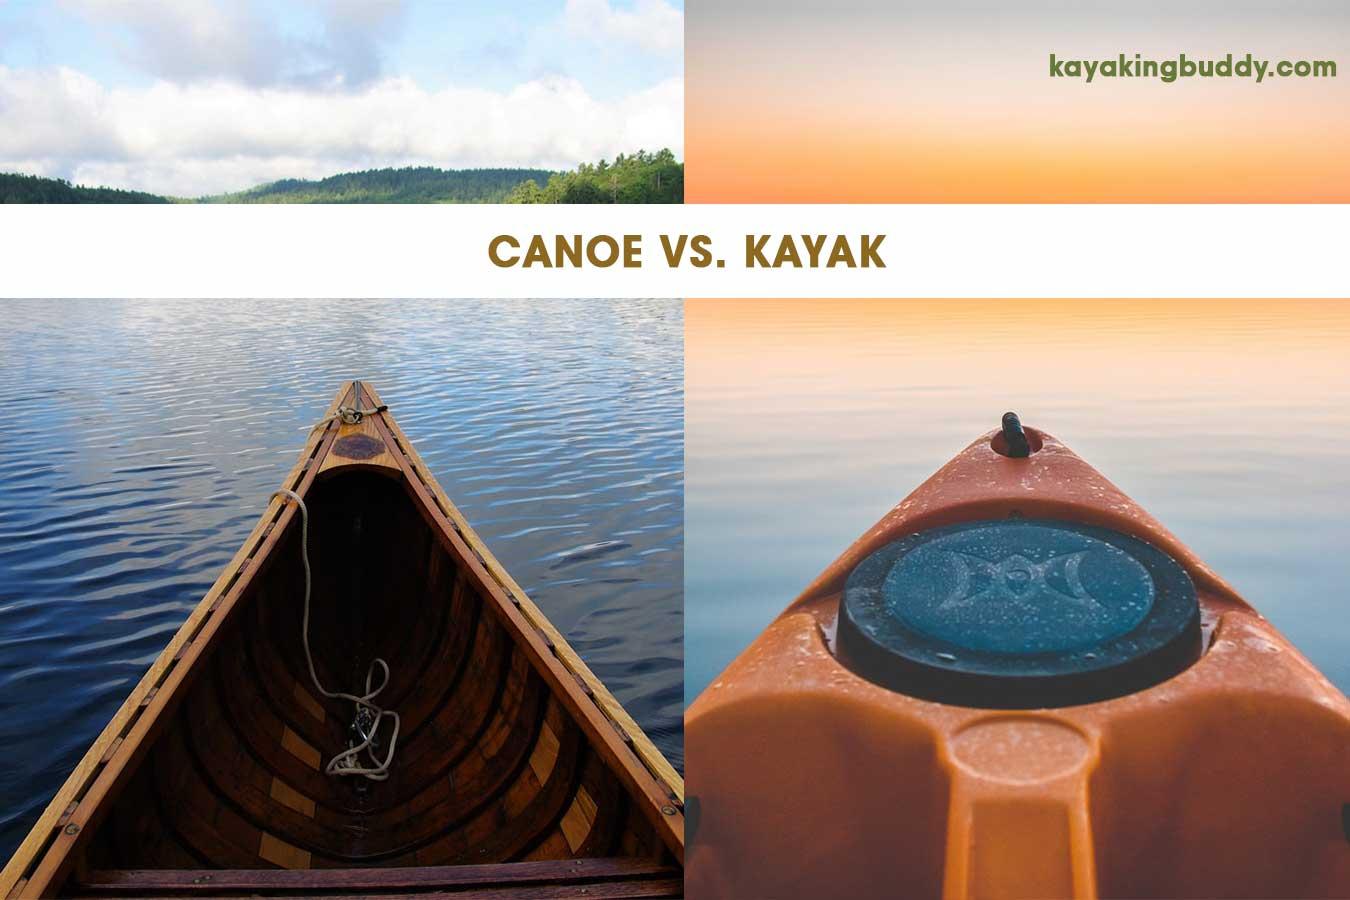 Better For Fly Fishing: Canoe vs. Kayak